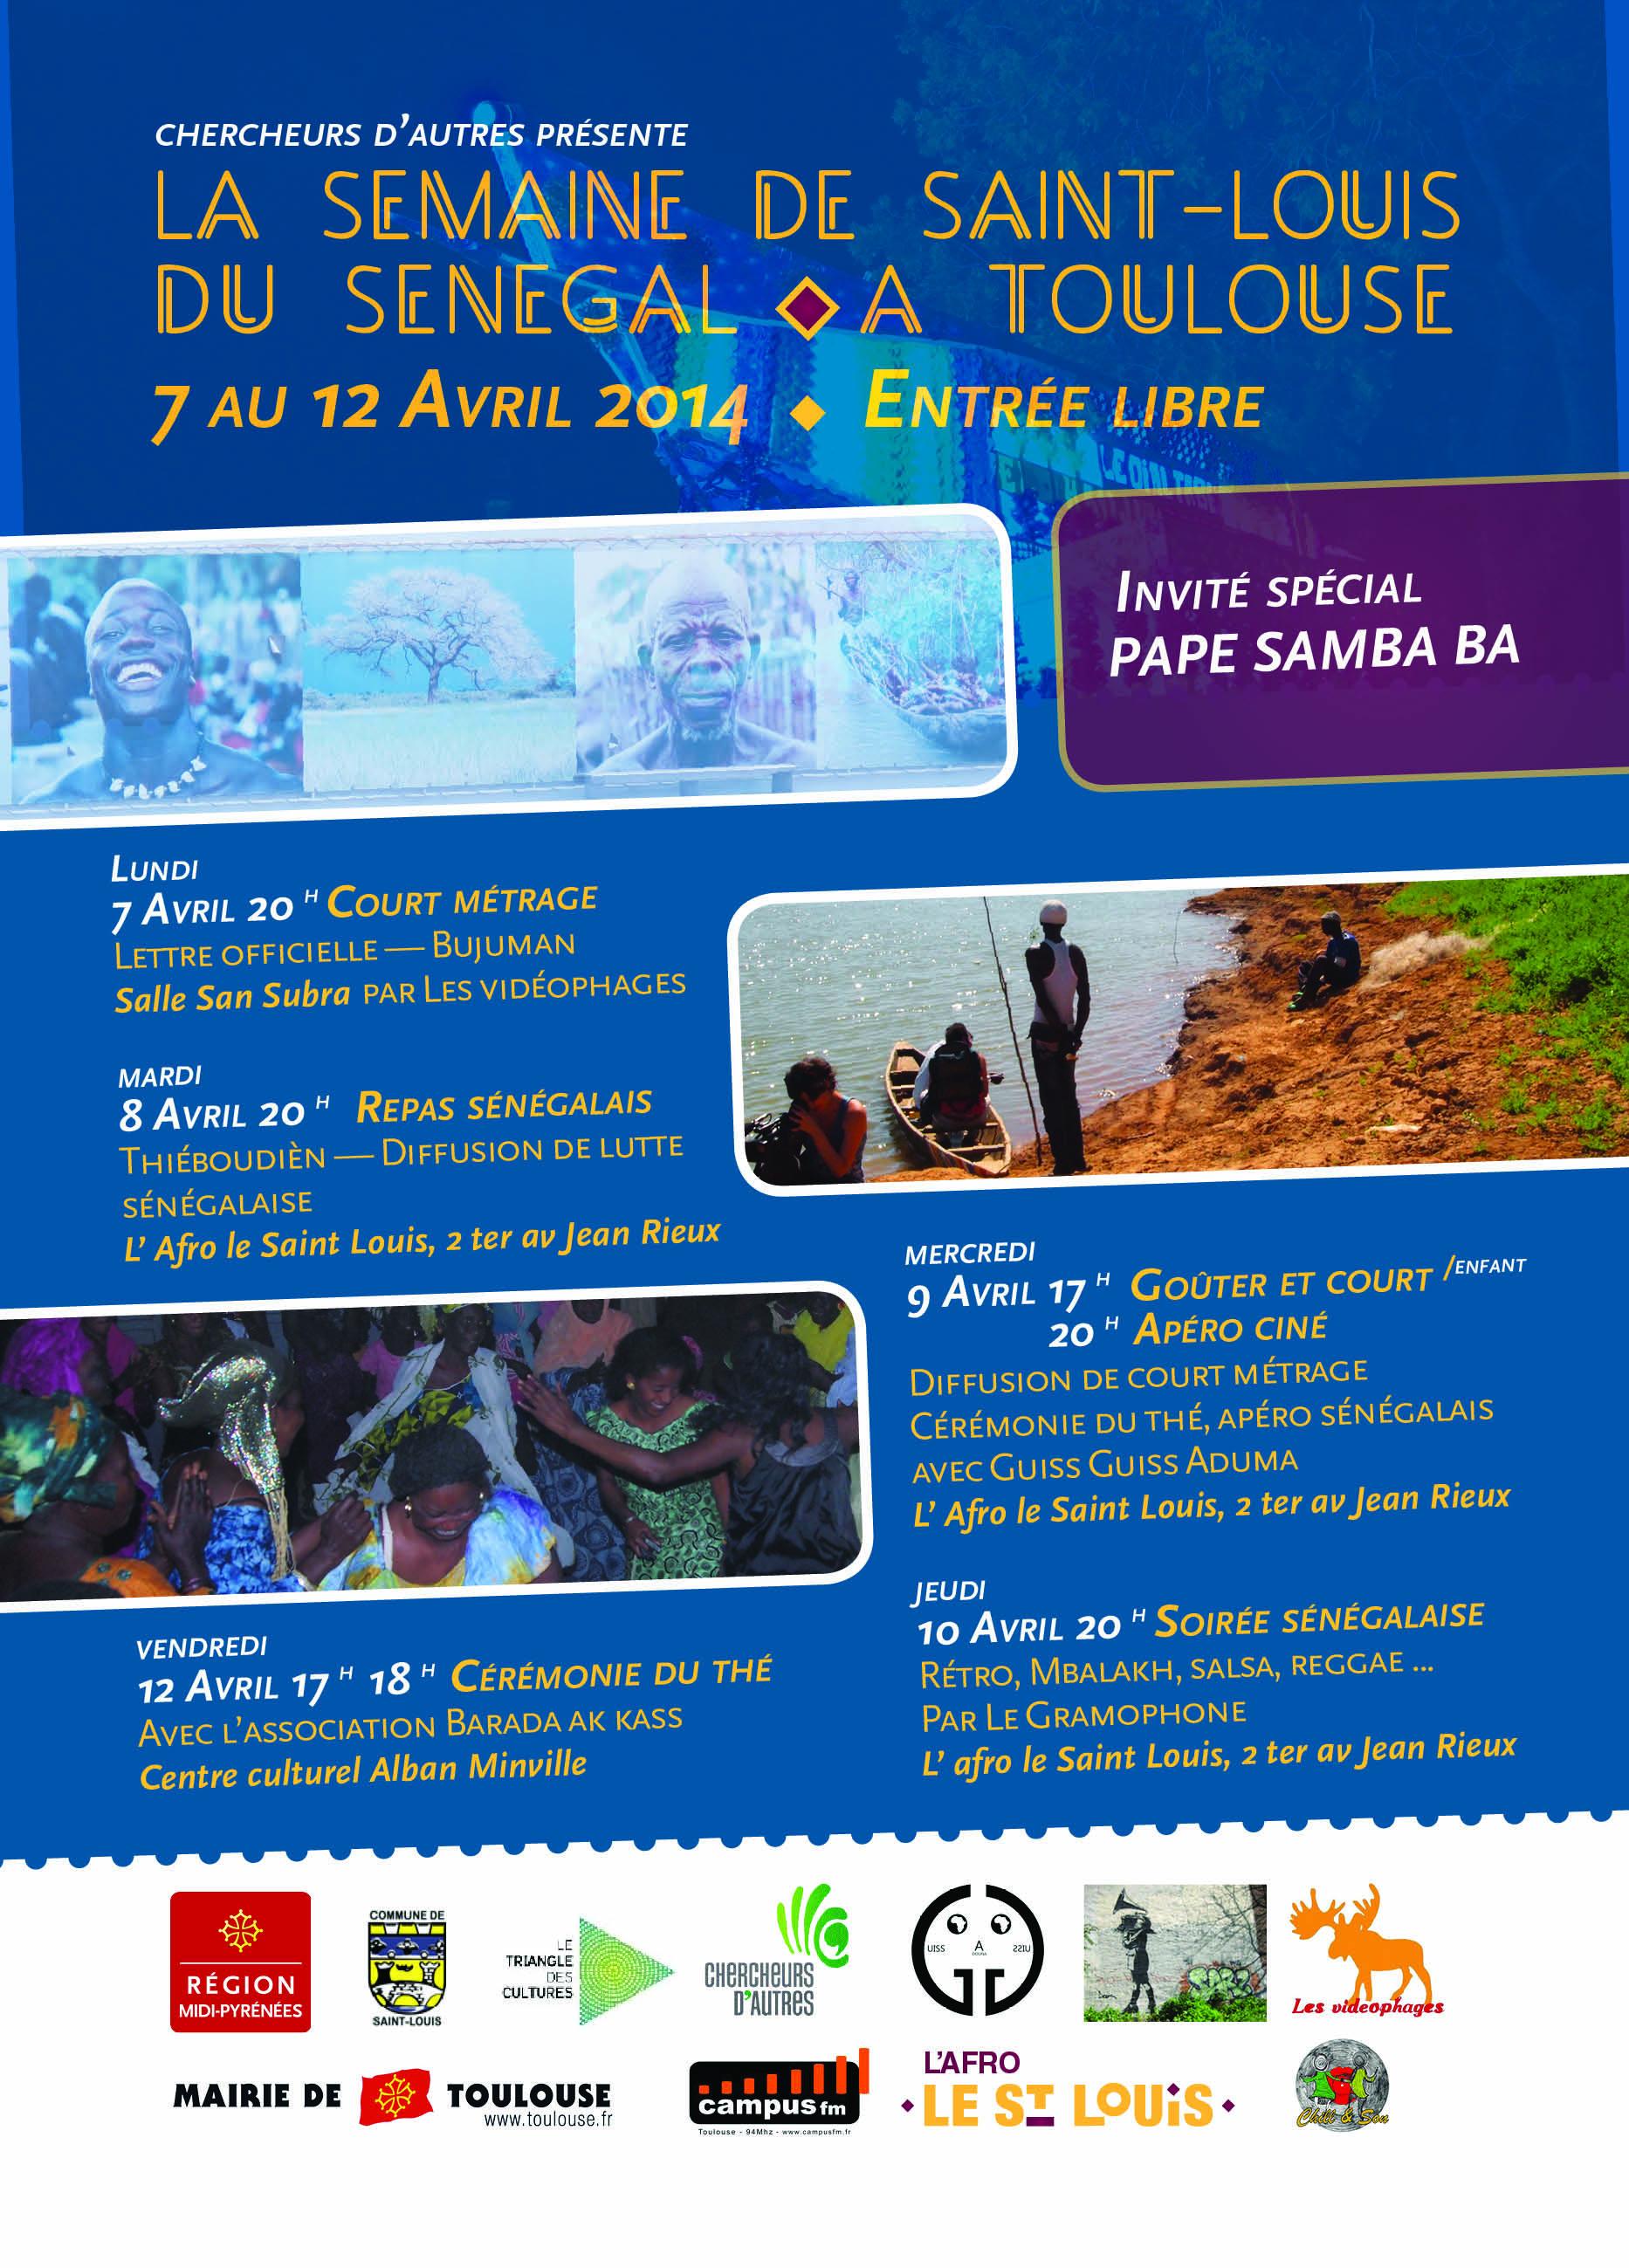 du 7 au 12 avril : Semaine de Saint Louis du Sénégal à Toulouse